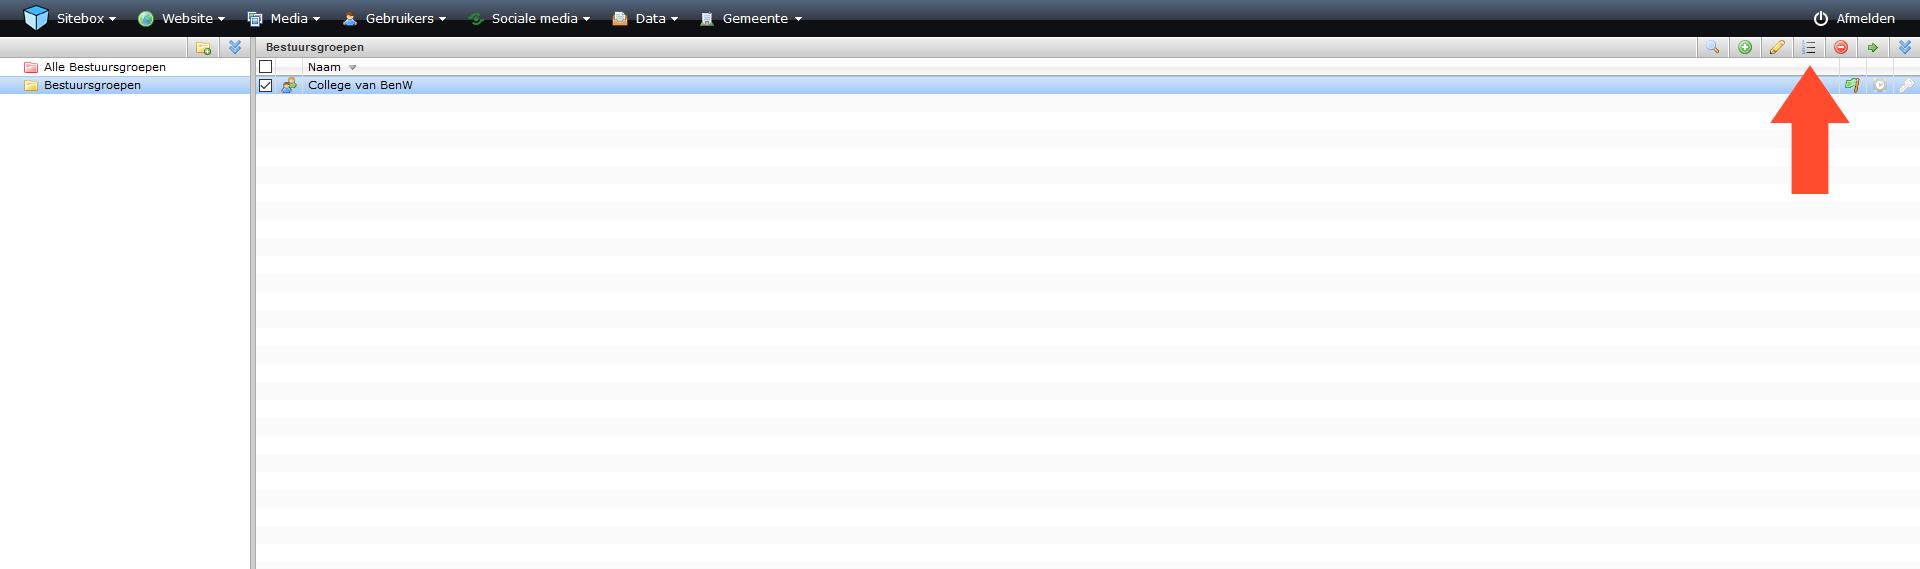 schermafdruk van de module bestuursgroepen met een pijl naar de actieknop sort order